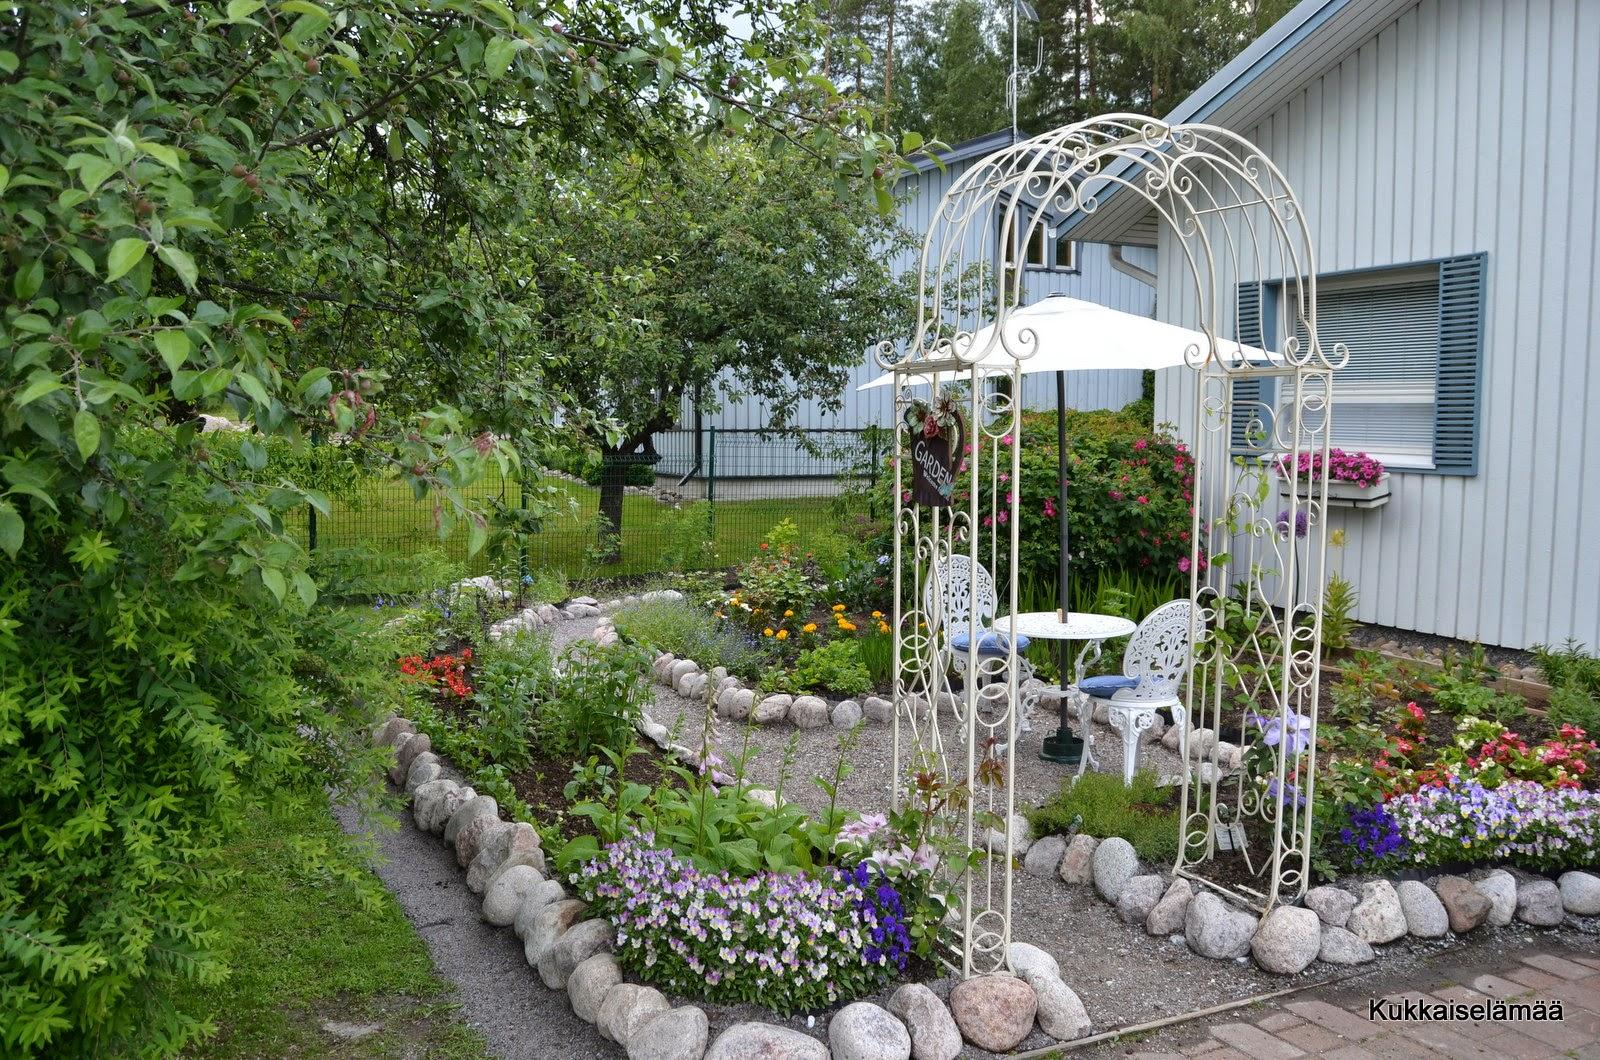 Vinkkejä puutarhapolun rakentamiseen